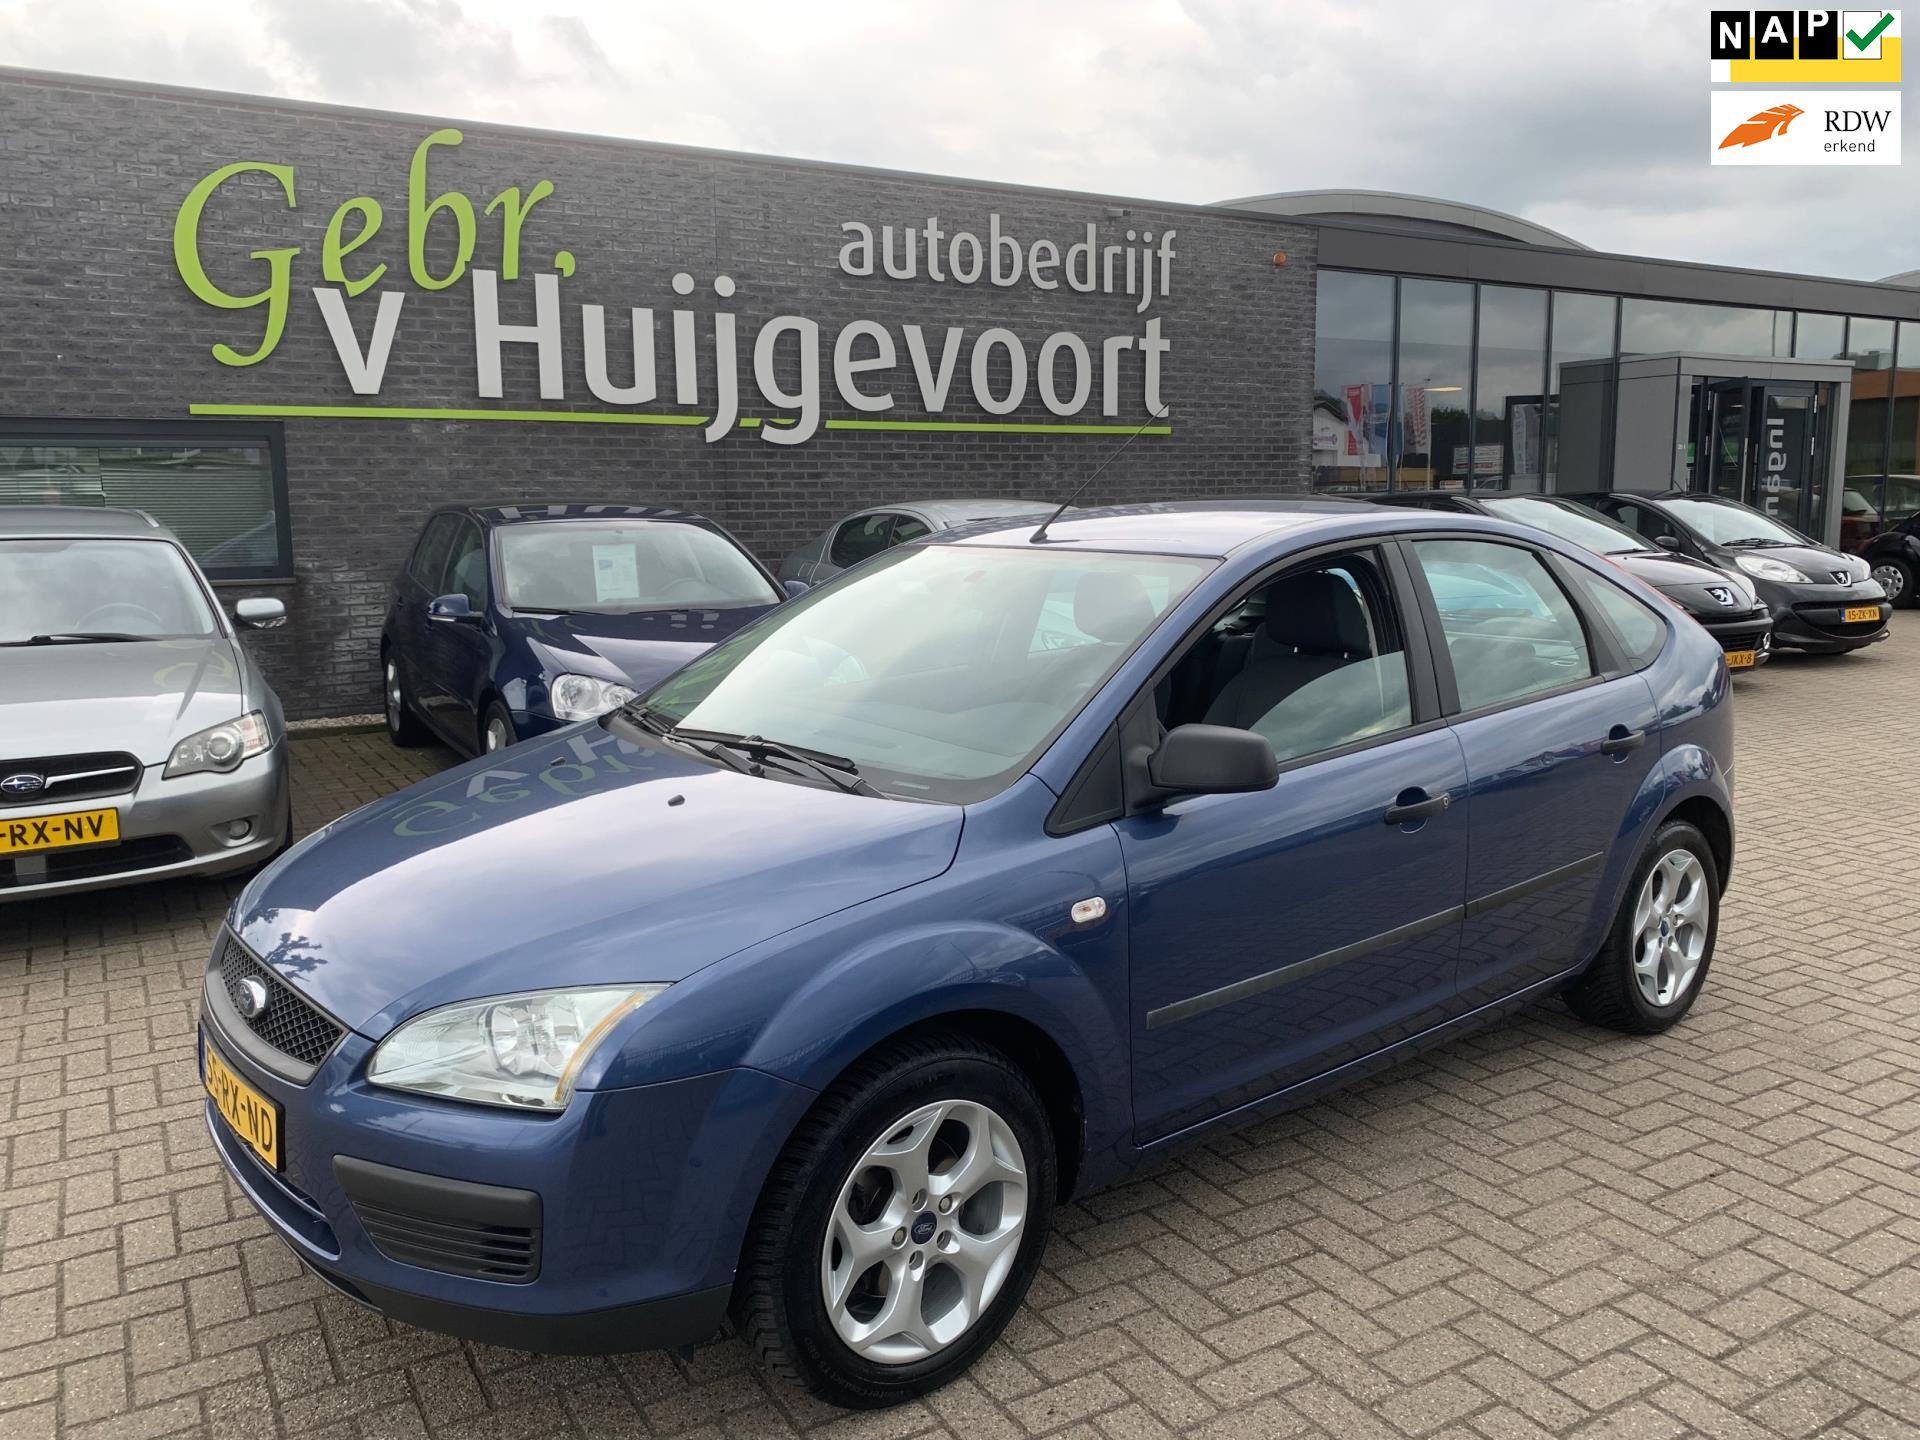 Ford Focus occasion - Autobedrijf van Huijgevoort